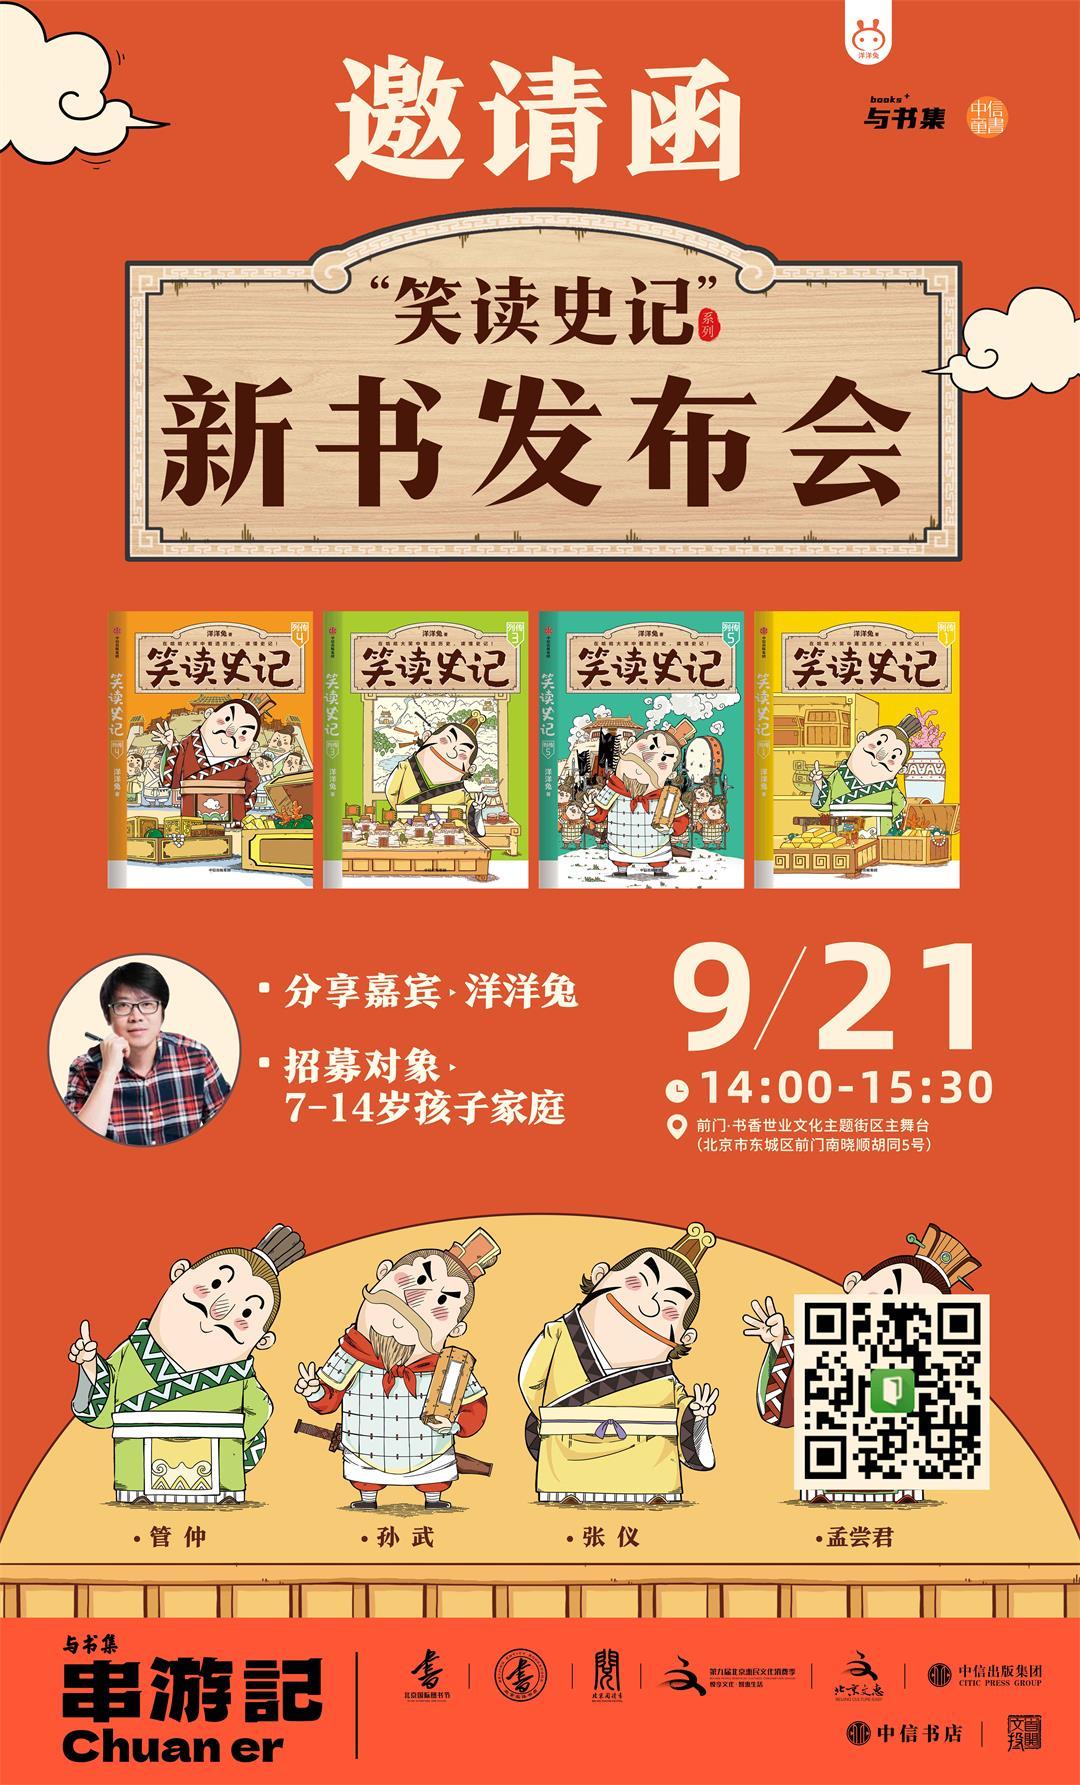 8-31笑读史记招募海报.jpg